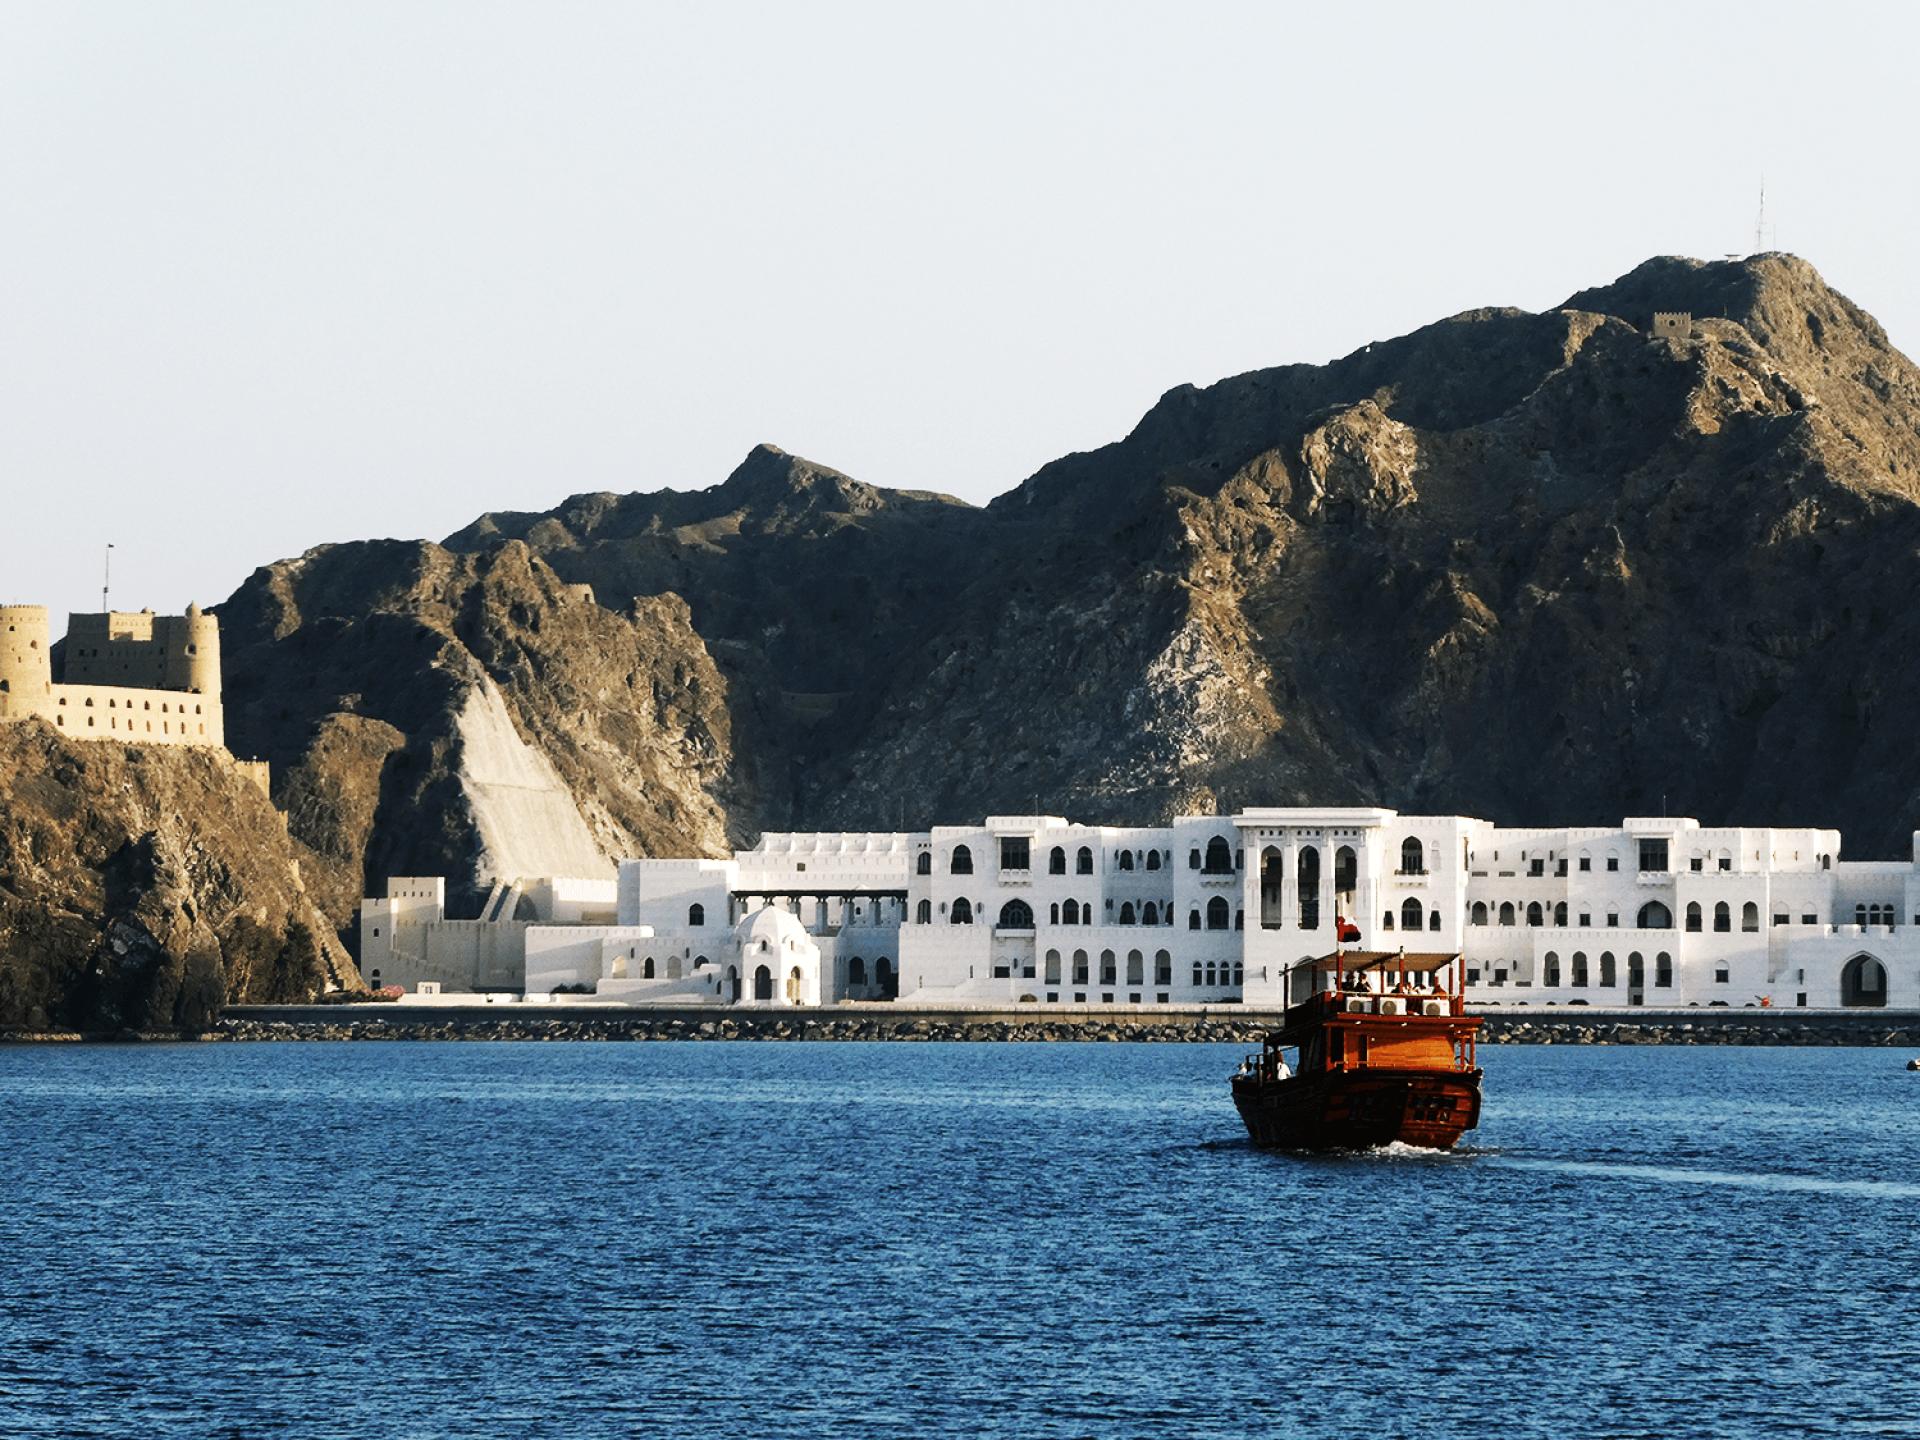 Dhown Cruise, Oman by Jeremy van Heerde